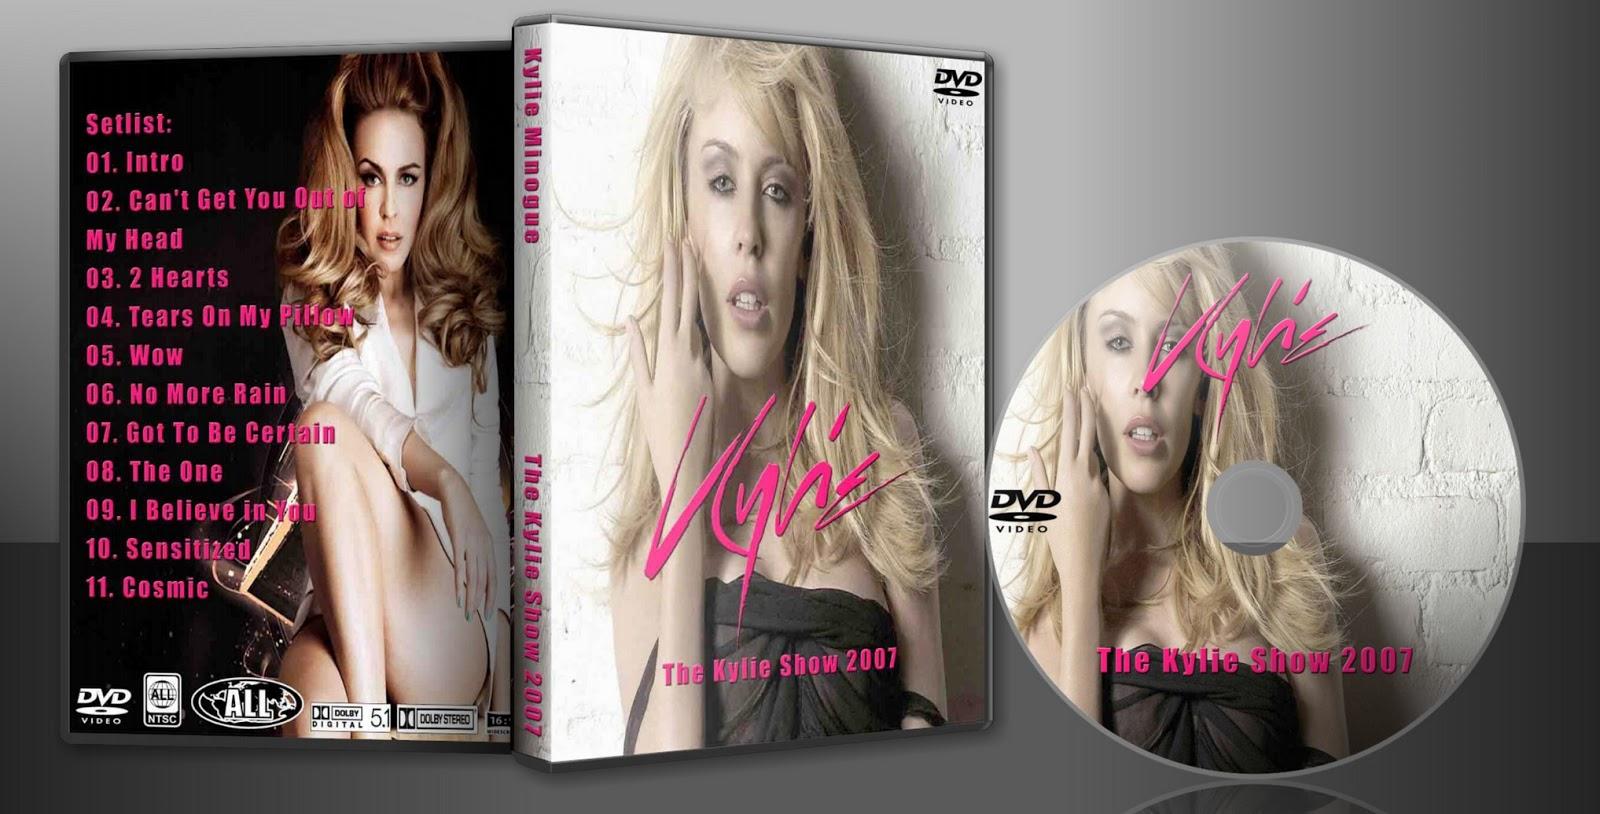 http://4.bp.blogspot.com/-x1gzljRximA/UNHGJ2jn2ZI/AAAAAAAAJhM/lW1yJMzswQg/s1600/DVD+Cover+For+Show+-+Kylie+Minogue+-+The+Kylie+Show+2007.jpg